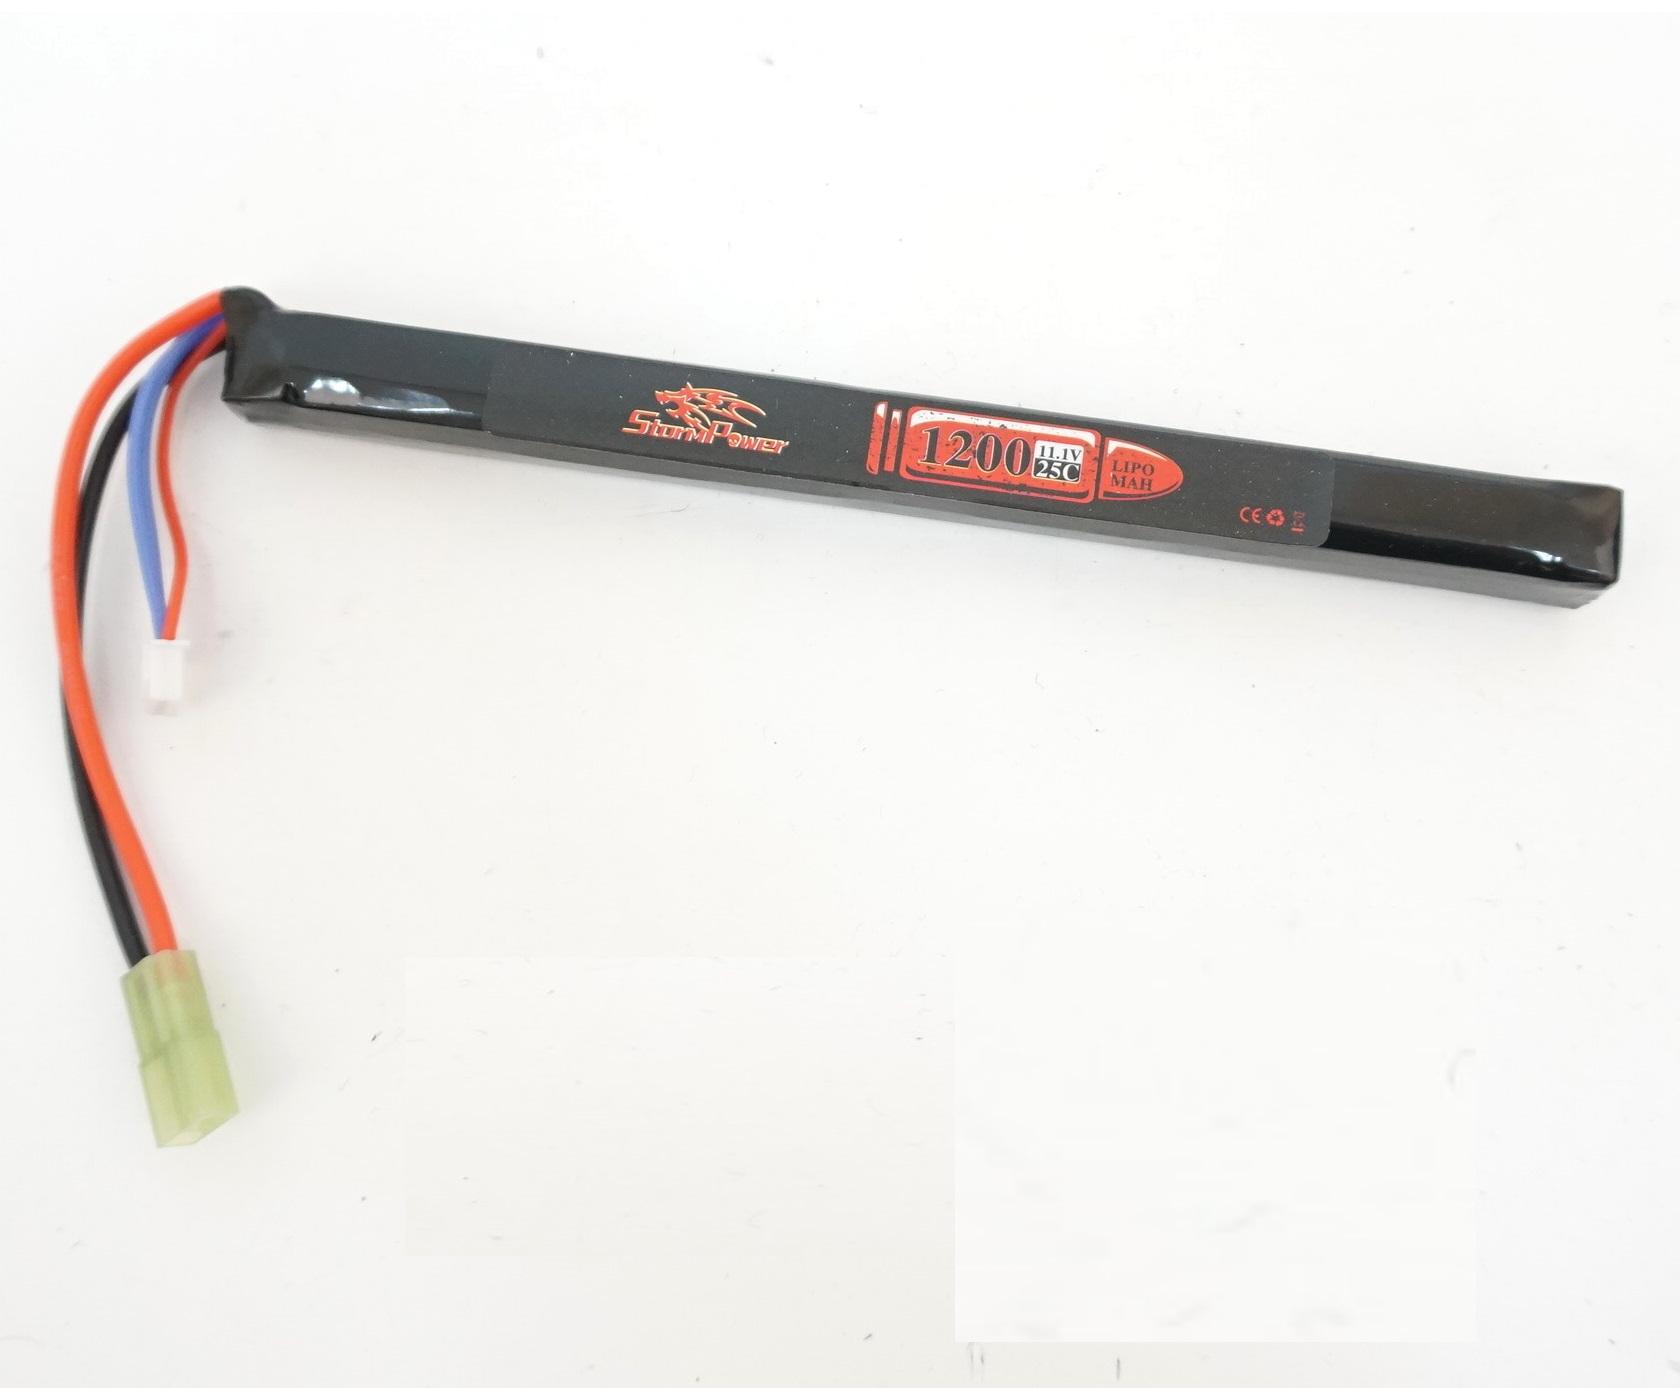 Аккумулятор Storm Power Li-Po 11.1V 1200mah 25C, 185x14x15 мм (SP-019)